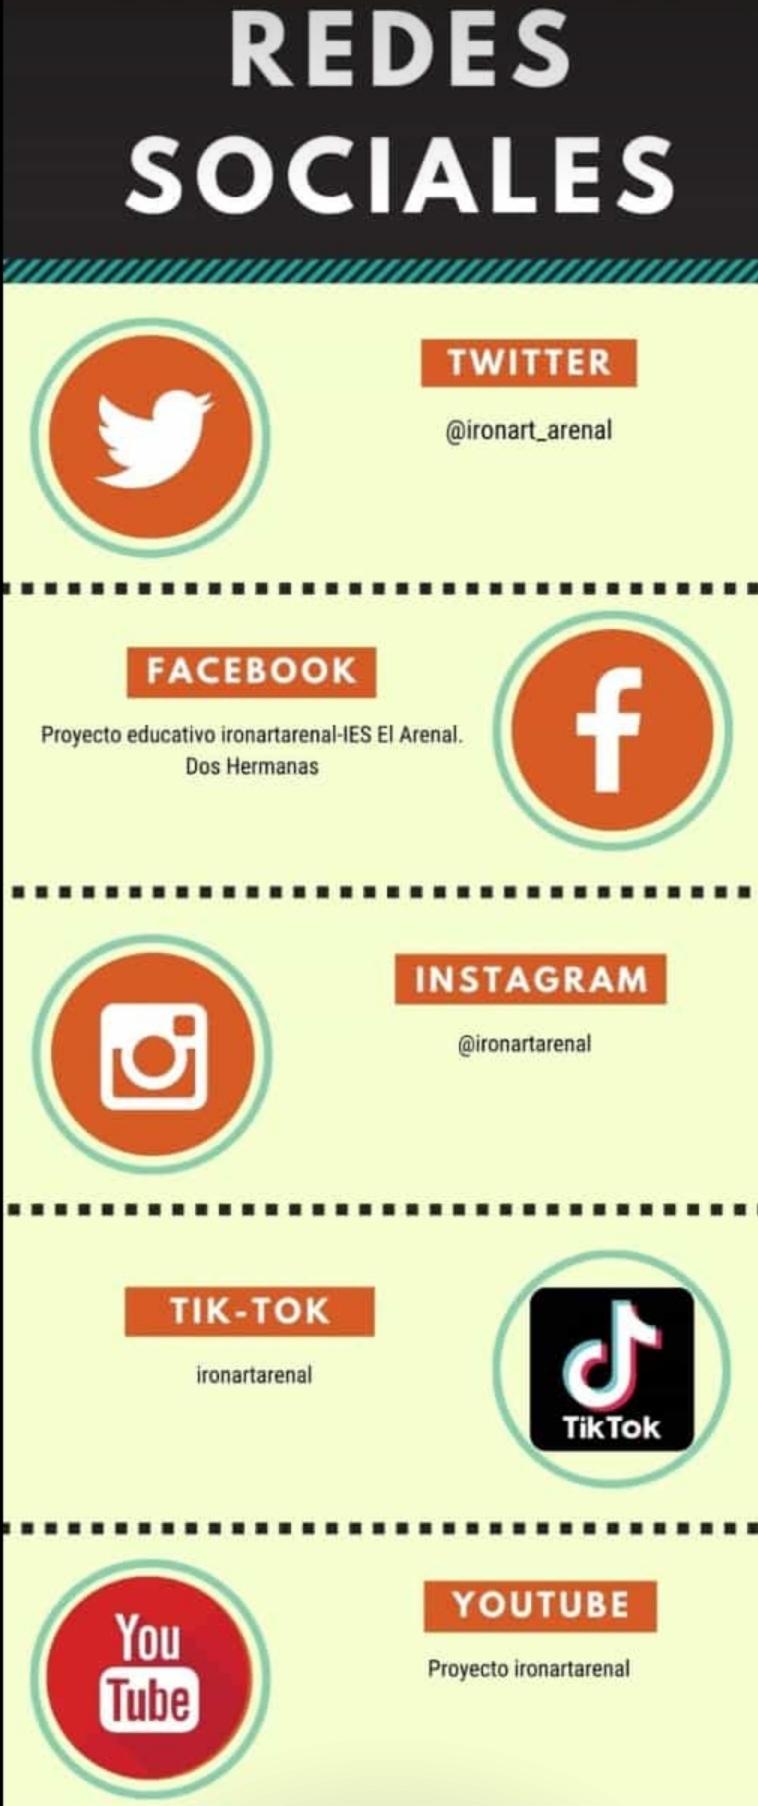 Redes Sociales @ironartarenal.